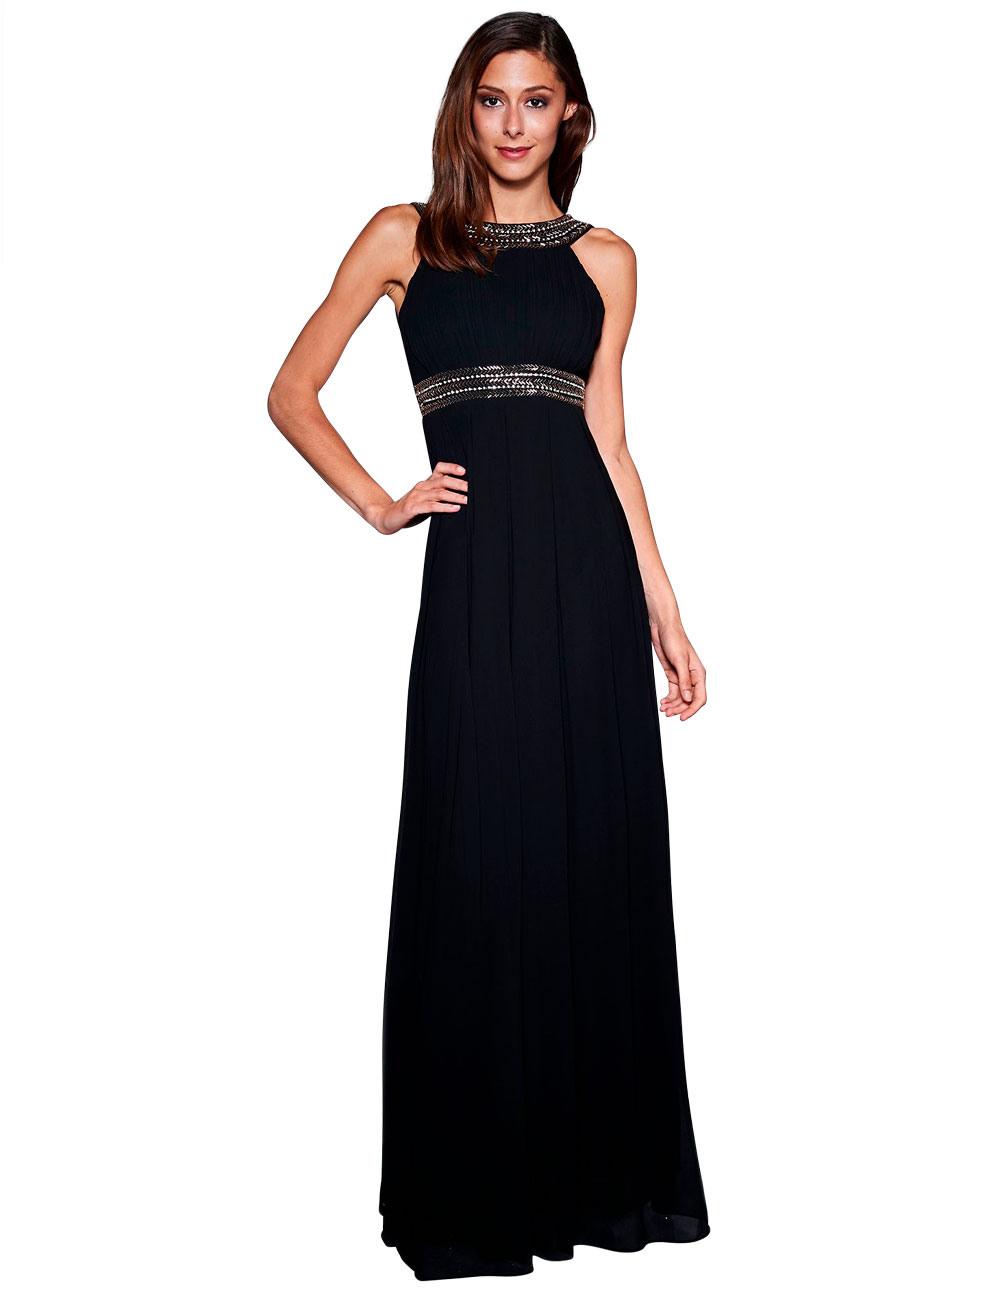 Designer Coolste Abendkleid Spezialgebiet15 Genial Abendkleid Boutique